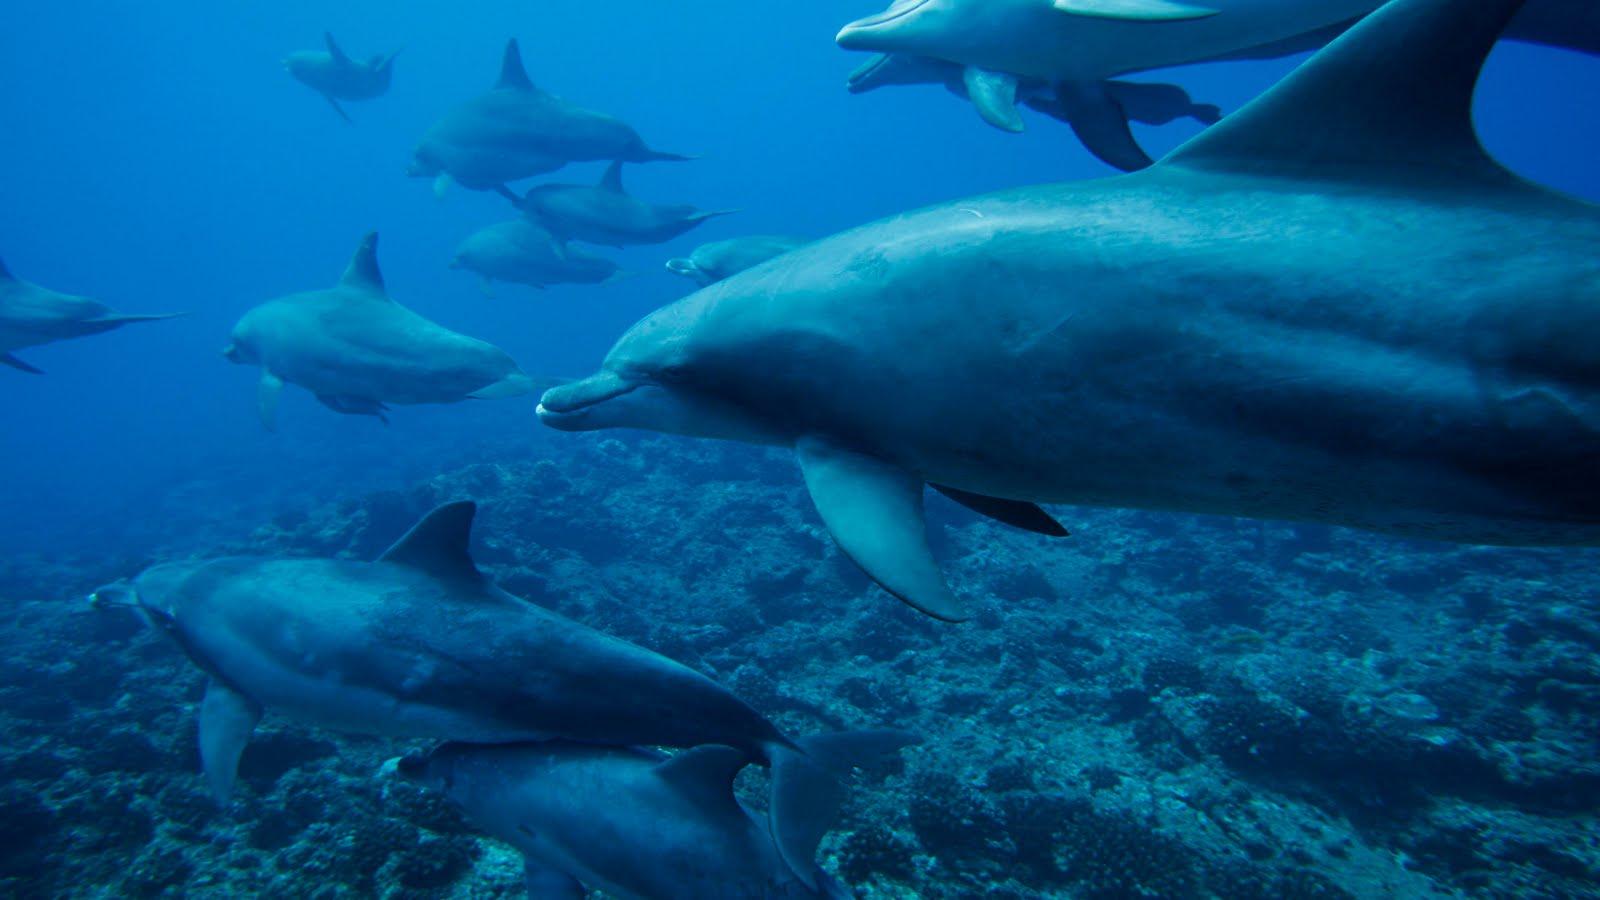 Viaje por el fondo del mar alta definicion taringa - Fotos fondo del mar ...